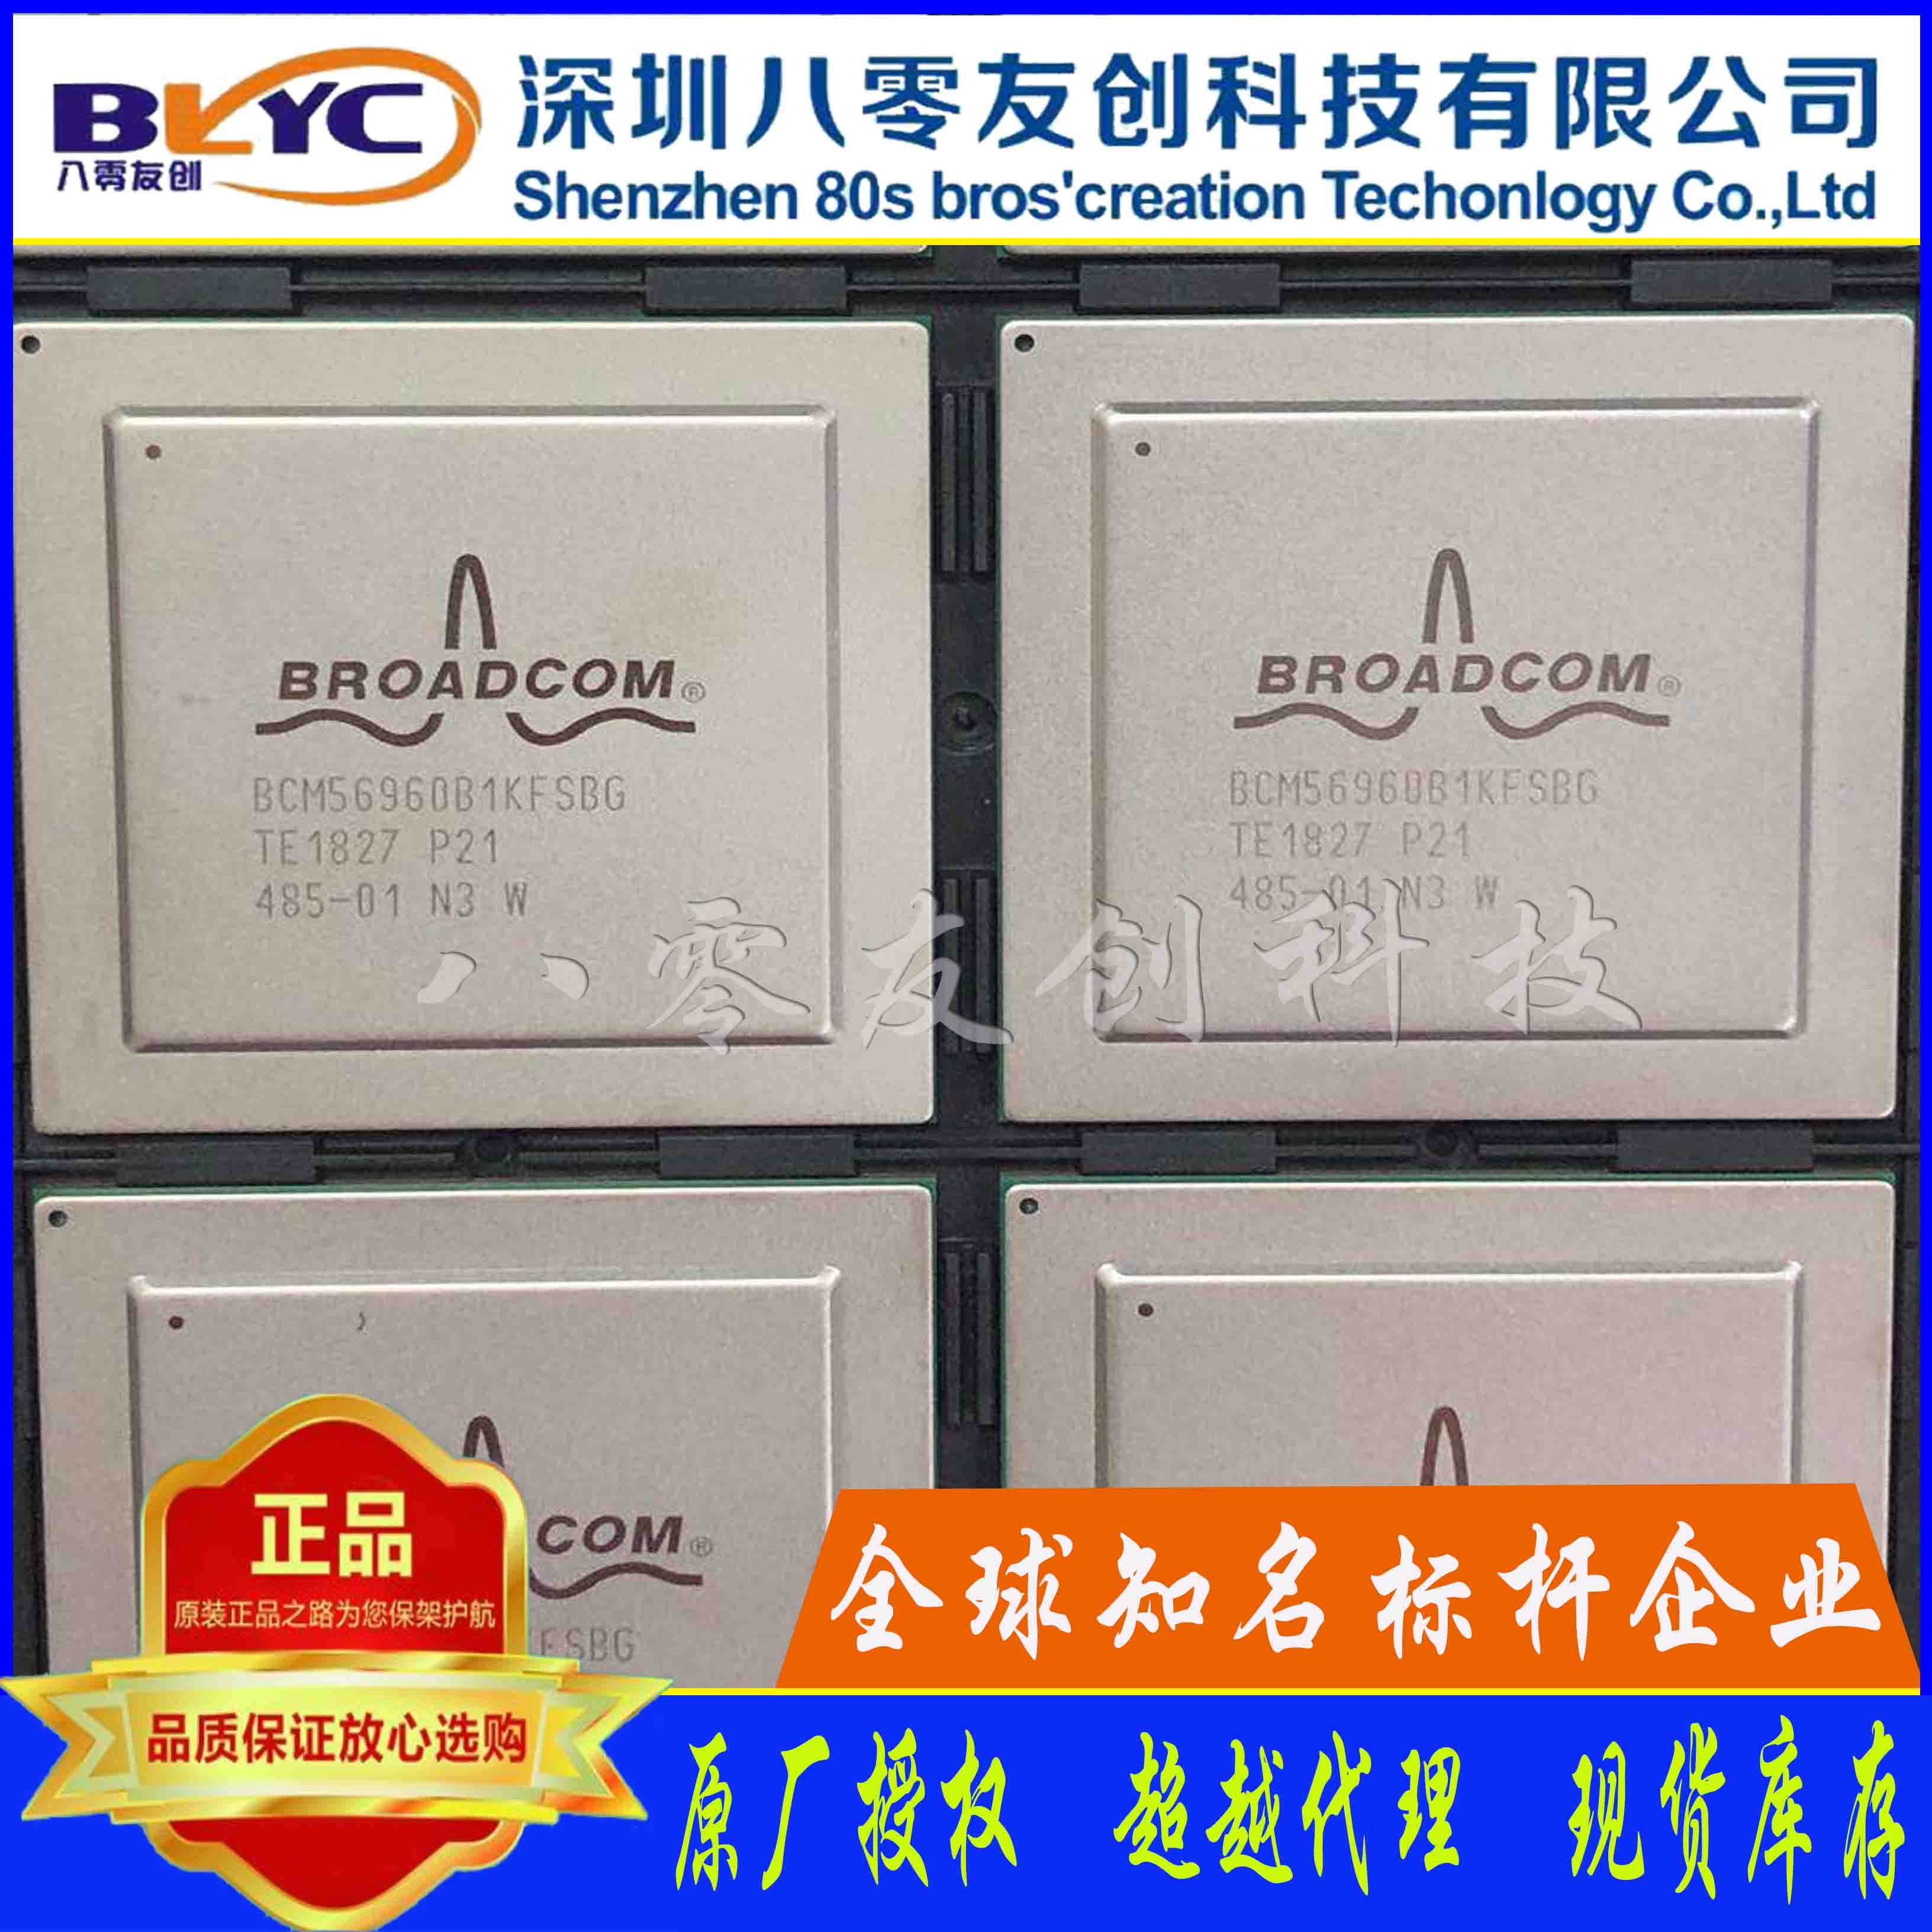 BCM56960B1KFSBG